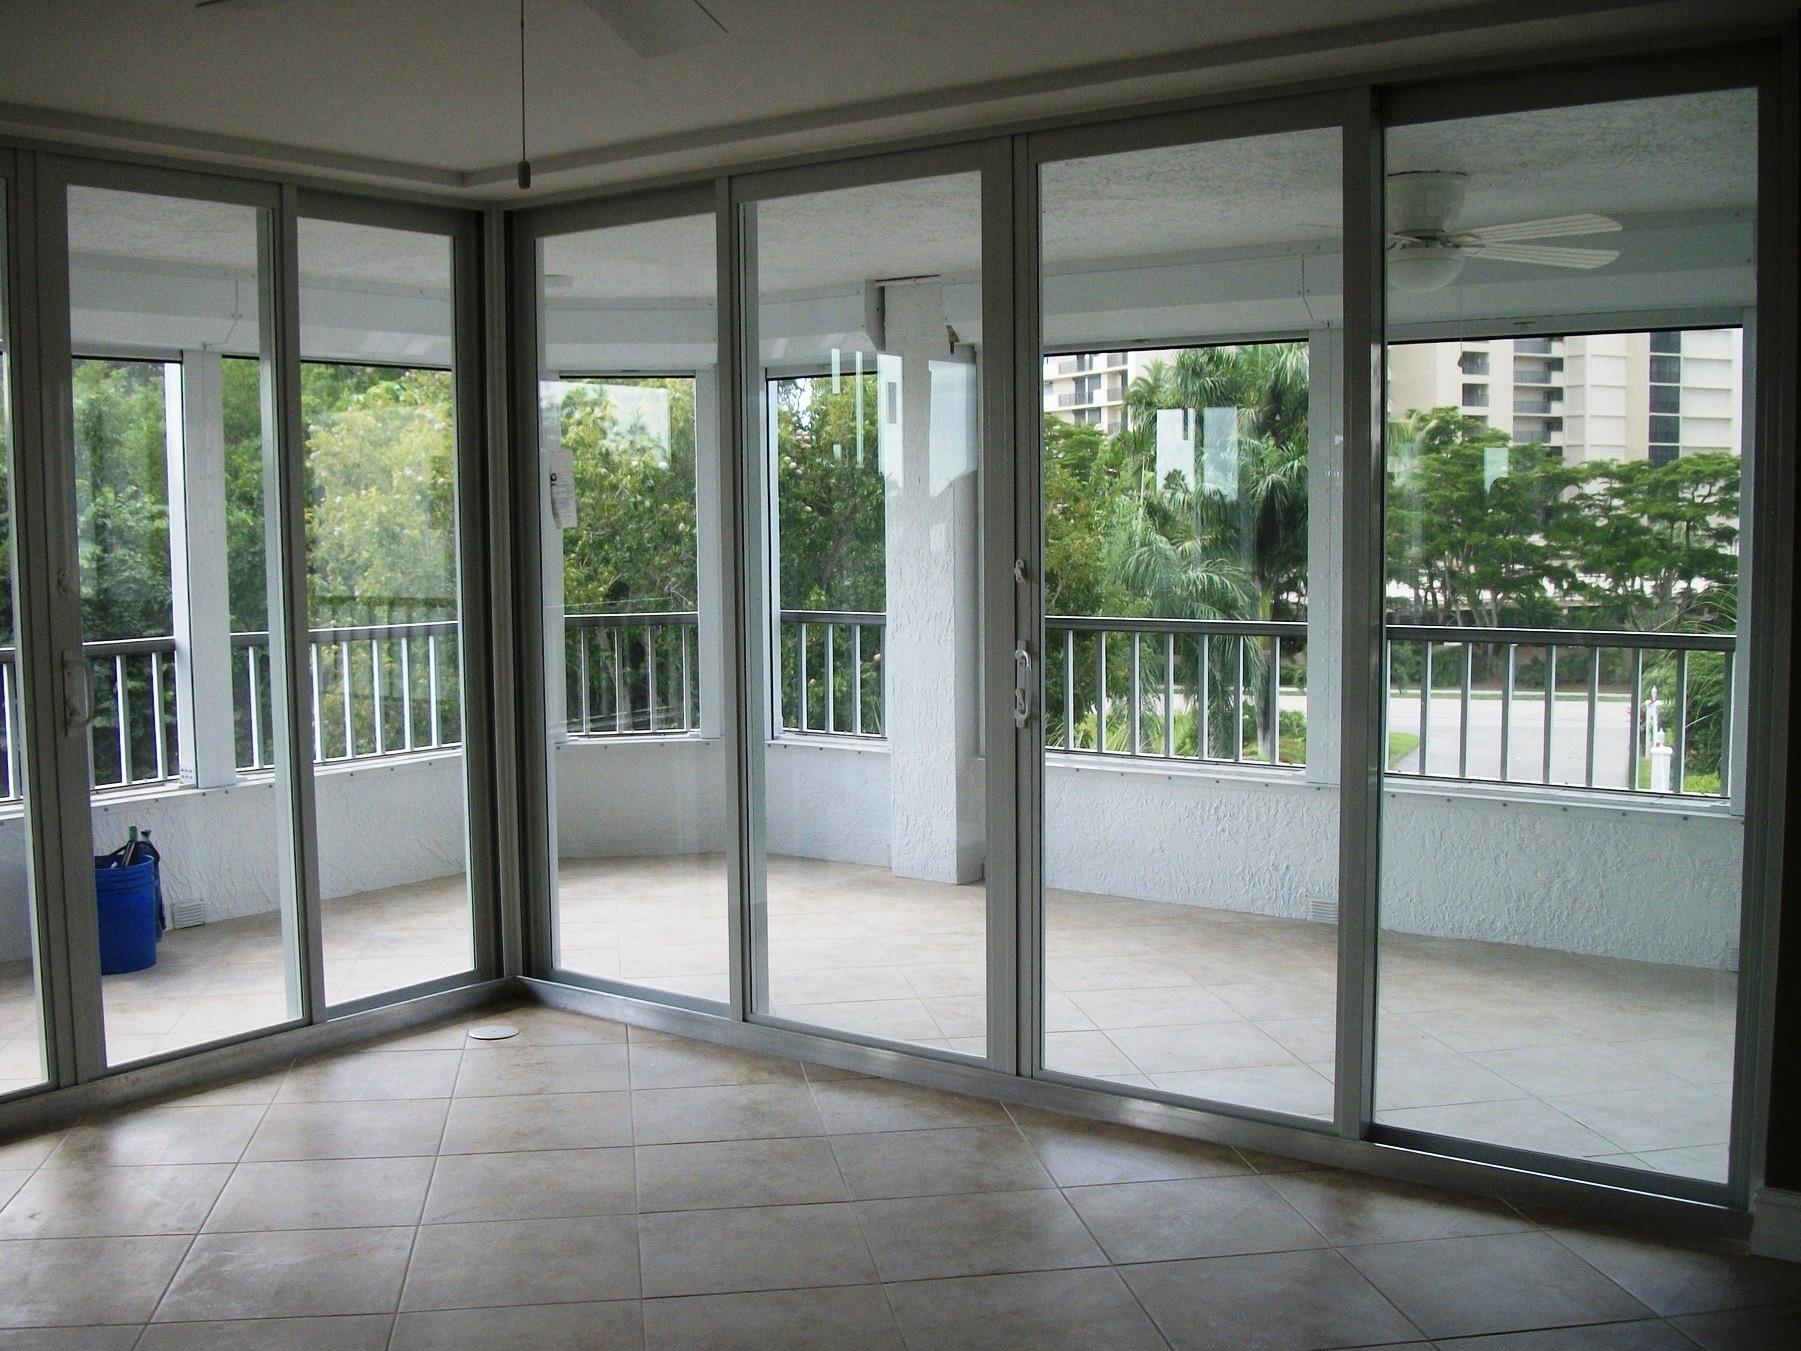 Pgt Corner Sliding Glass Doorspatio doors amazing sliding glass door pgt doors home decor ideas